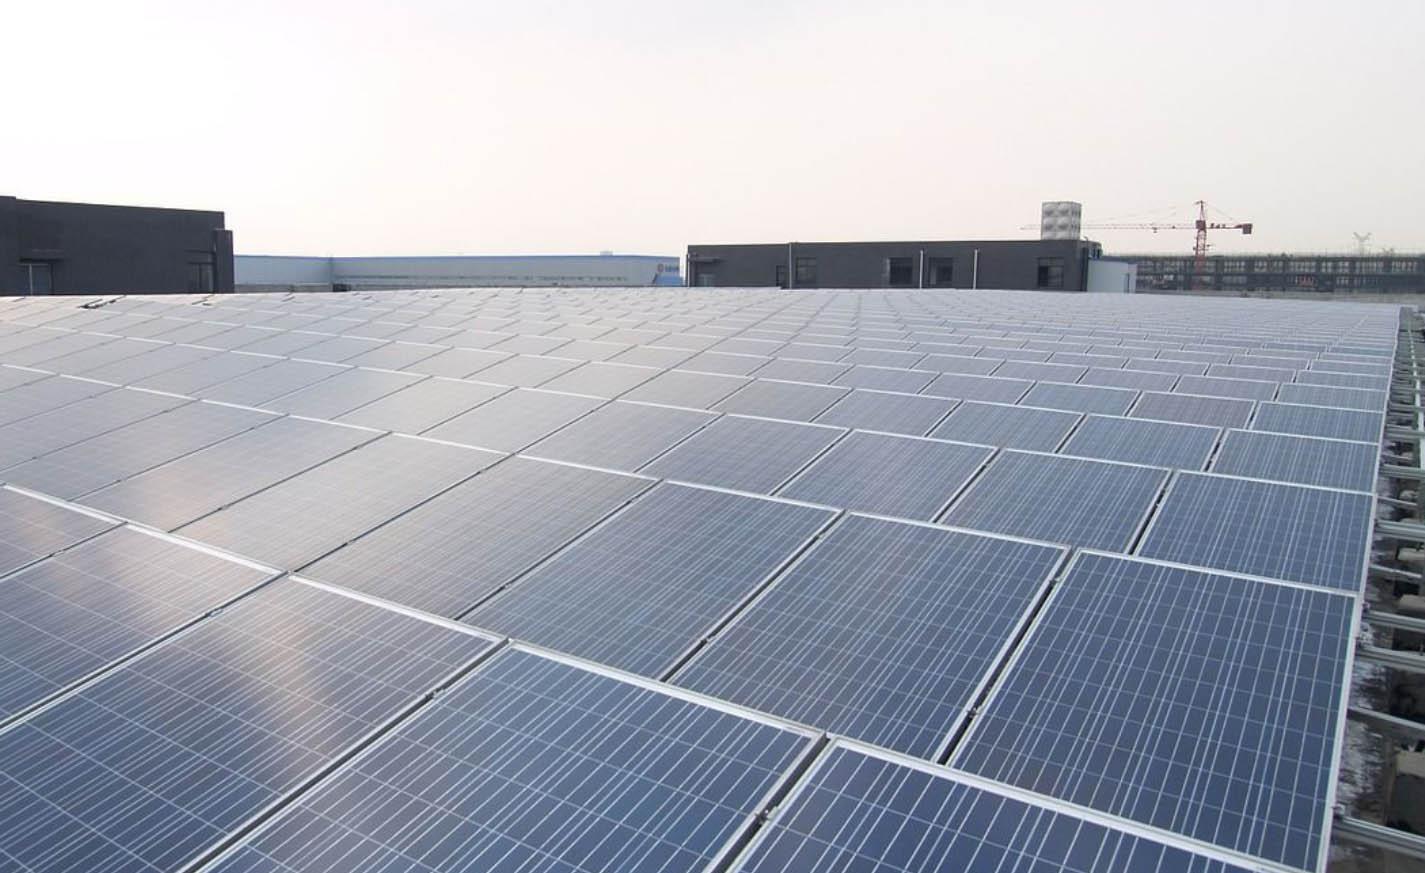 ventajas de la energía solar en empresas fotovoltaica